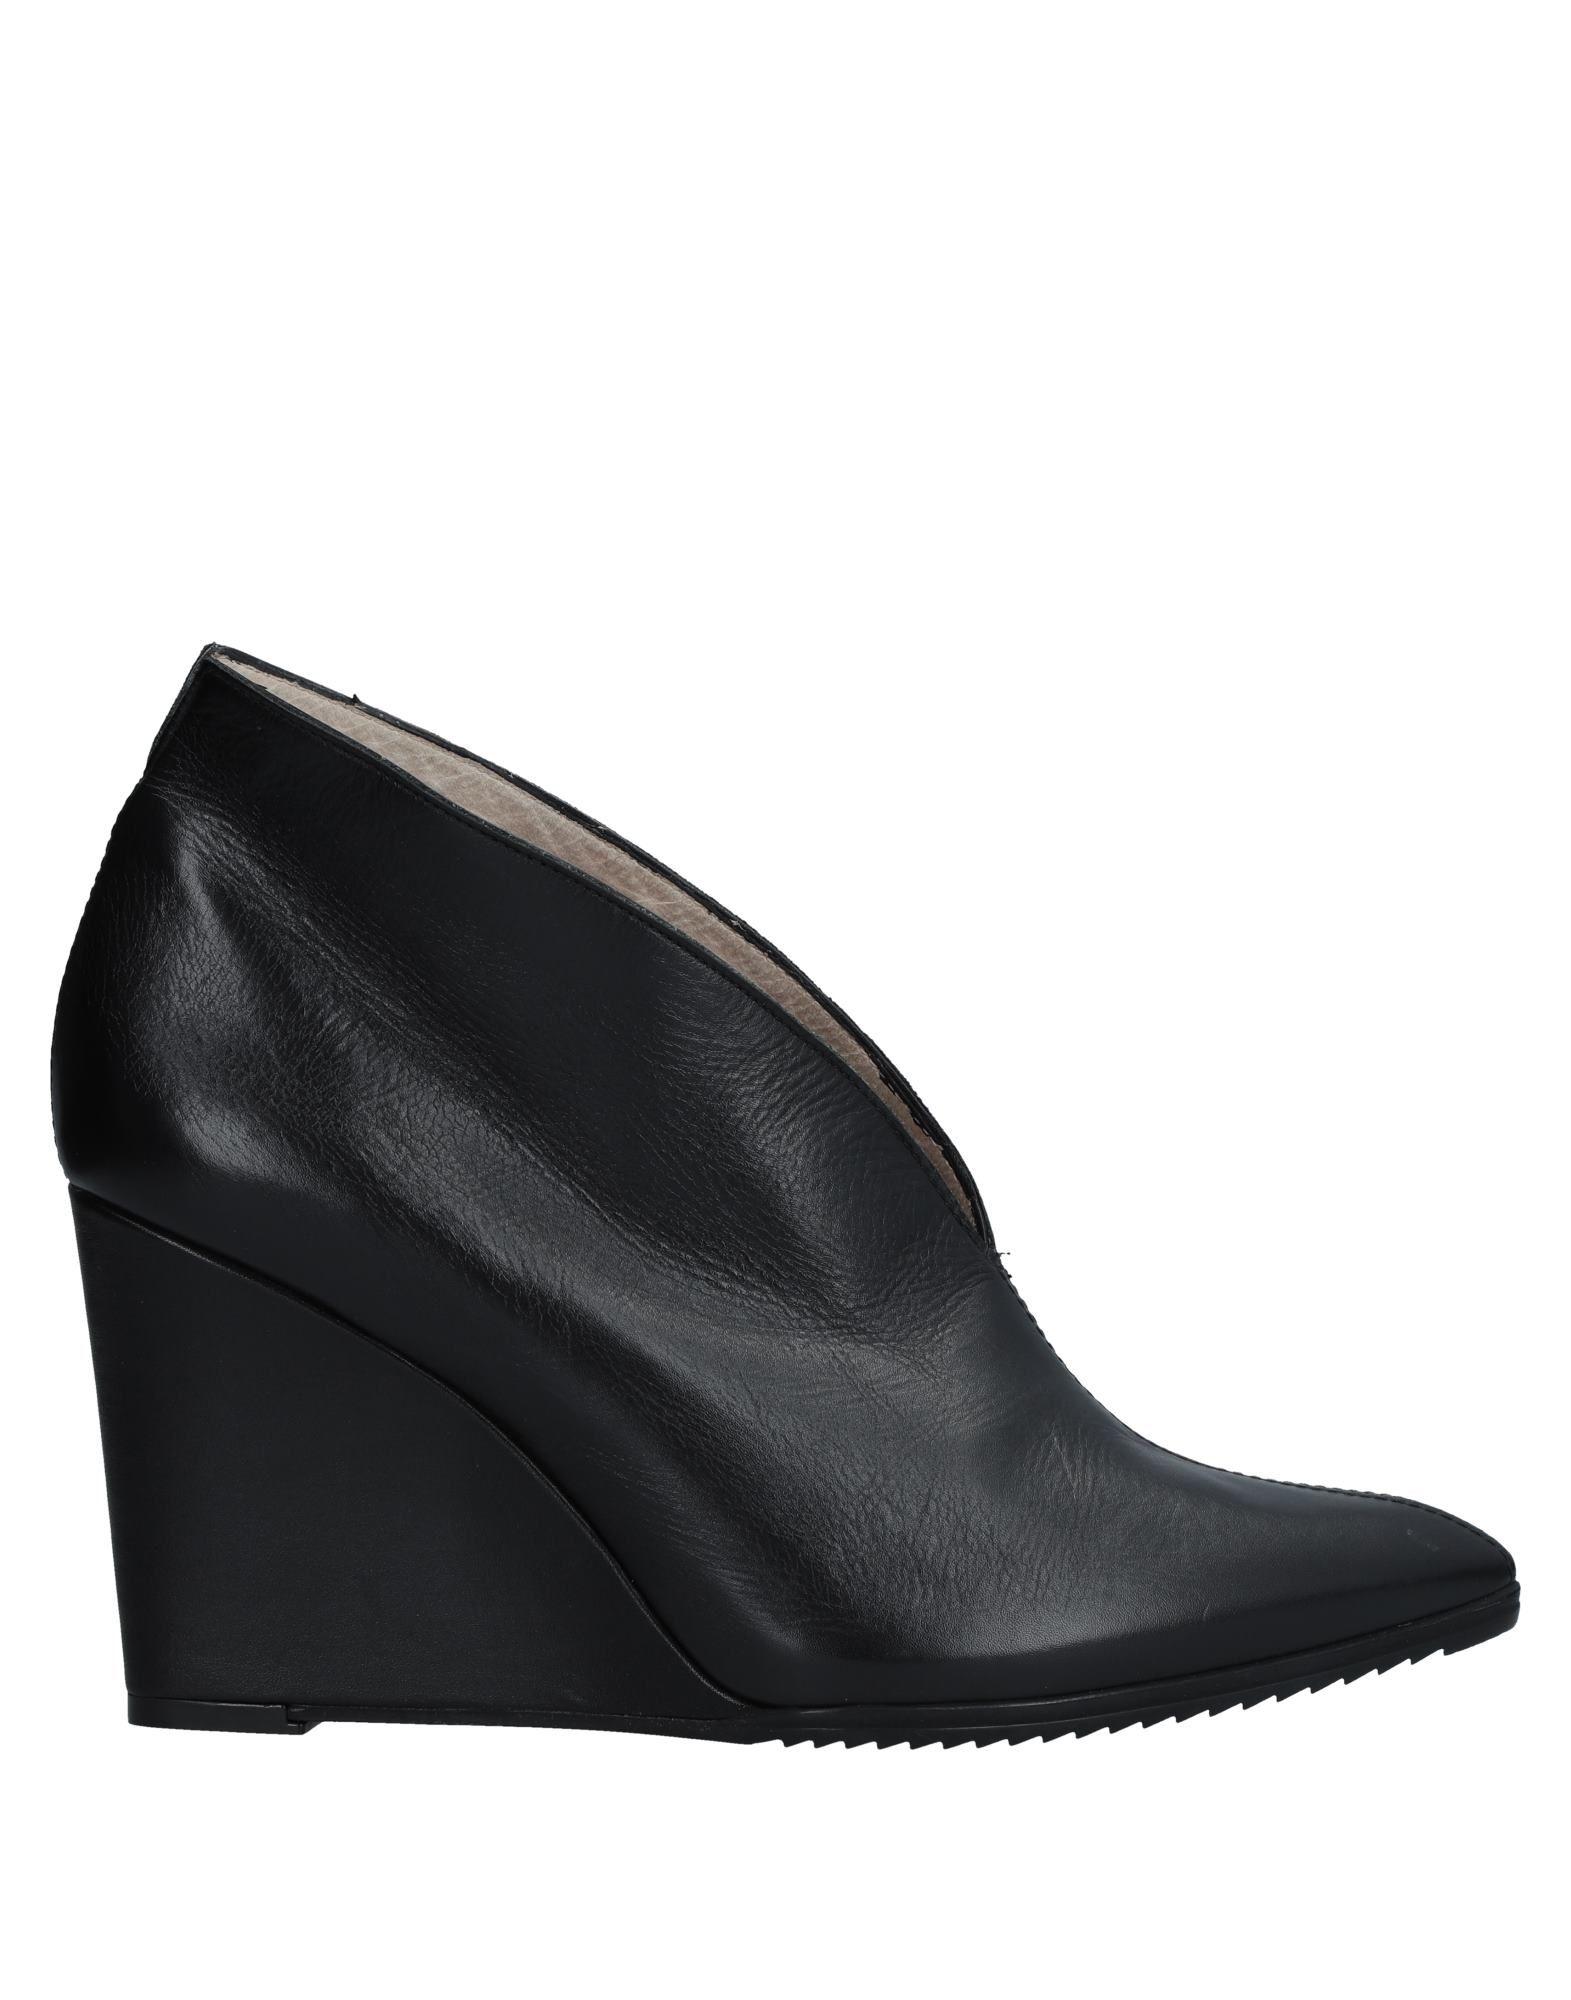 Unisa Stiefelette Damen  11529268CV Gute Qualität beliebte Schuhe